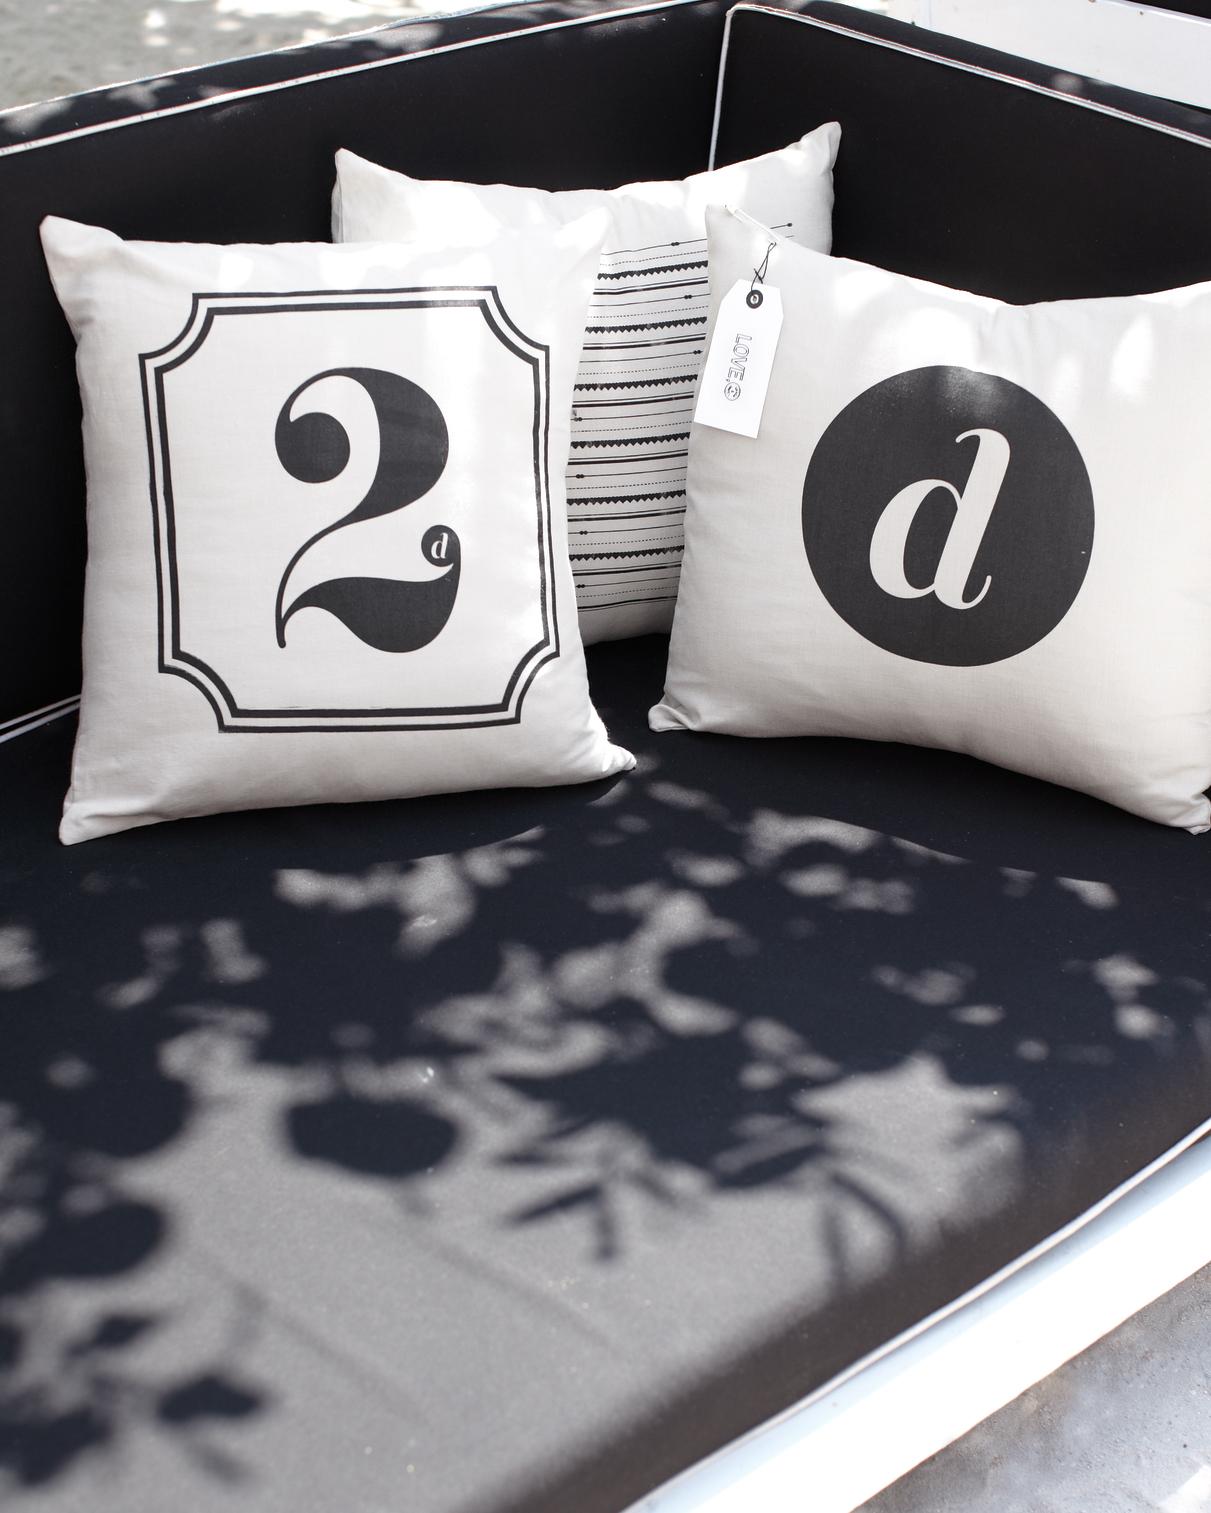 gracia-dan-pillow-favors-mwd107271.jpg